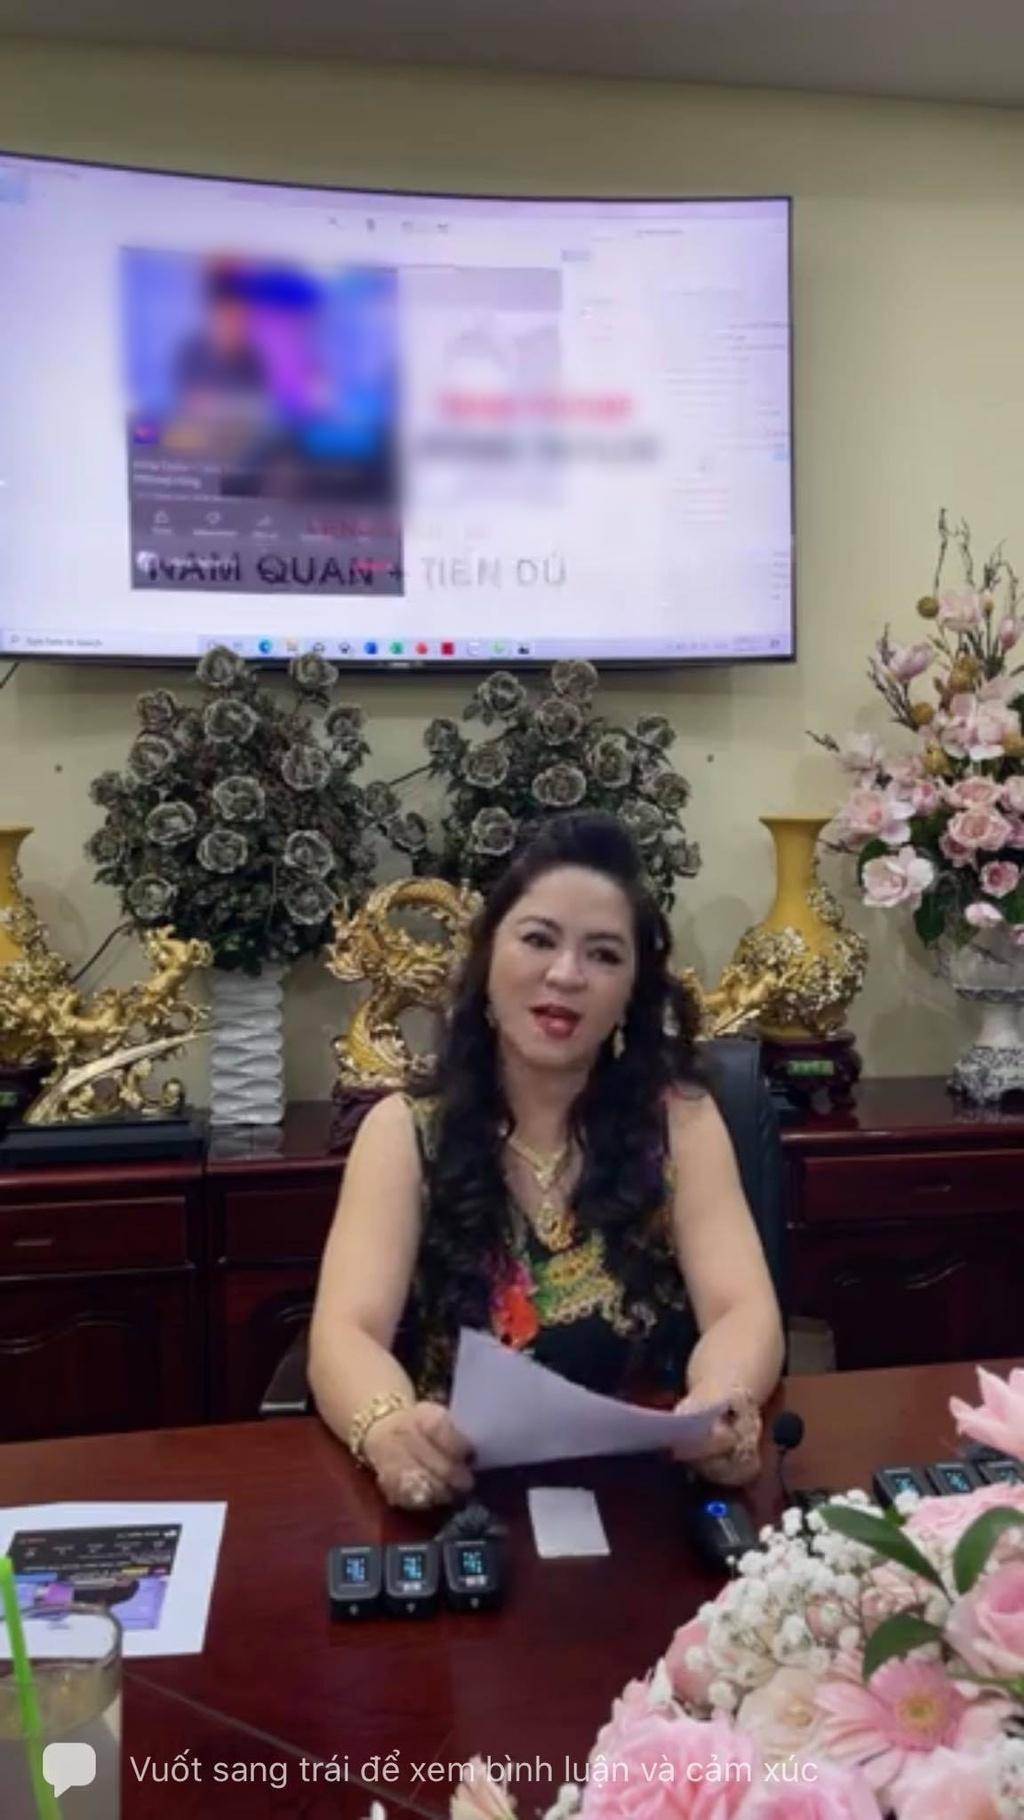 Bà Phương Hằng – vợ ông Dũng lò vôi gửi lời nhắn đến 8 người vợ của ông Yên, tiết lộ tin nhắn bày tỏ tình cảm của ông Yên dành cho mình!